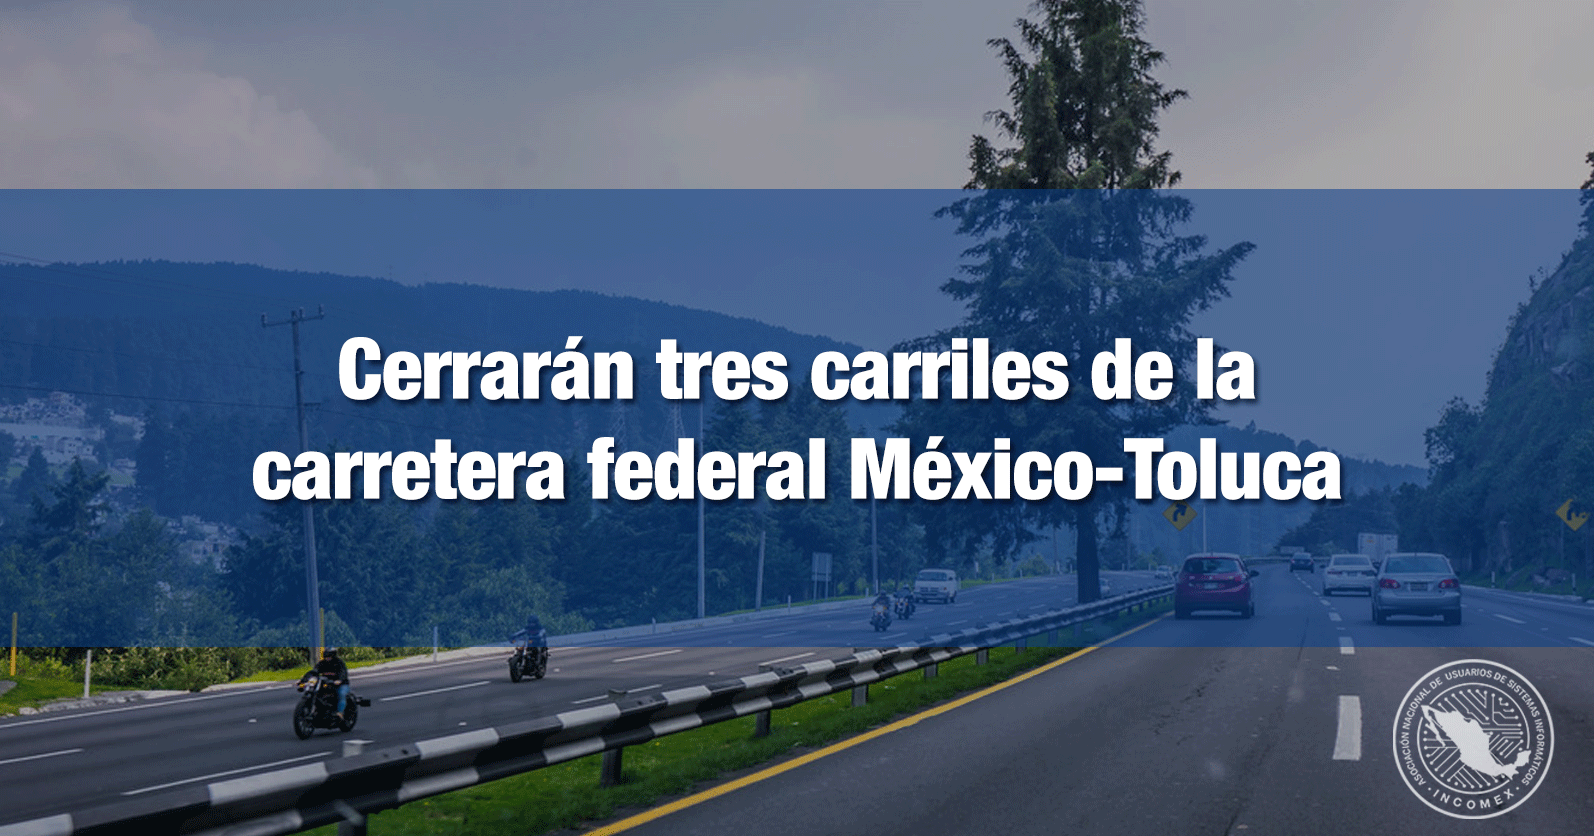 Cerrarán tres carriles de la carretera federal México-Toluca